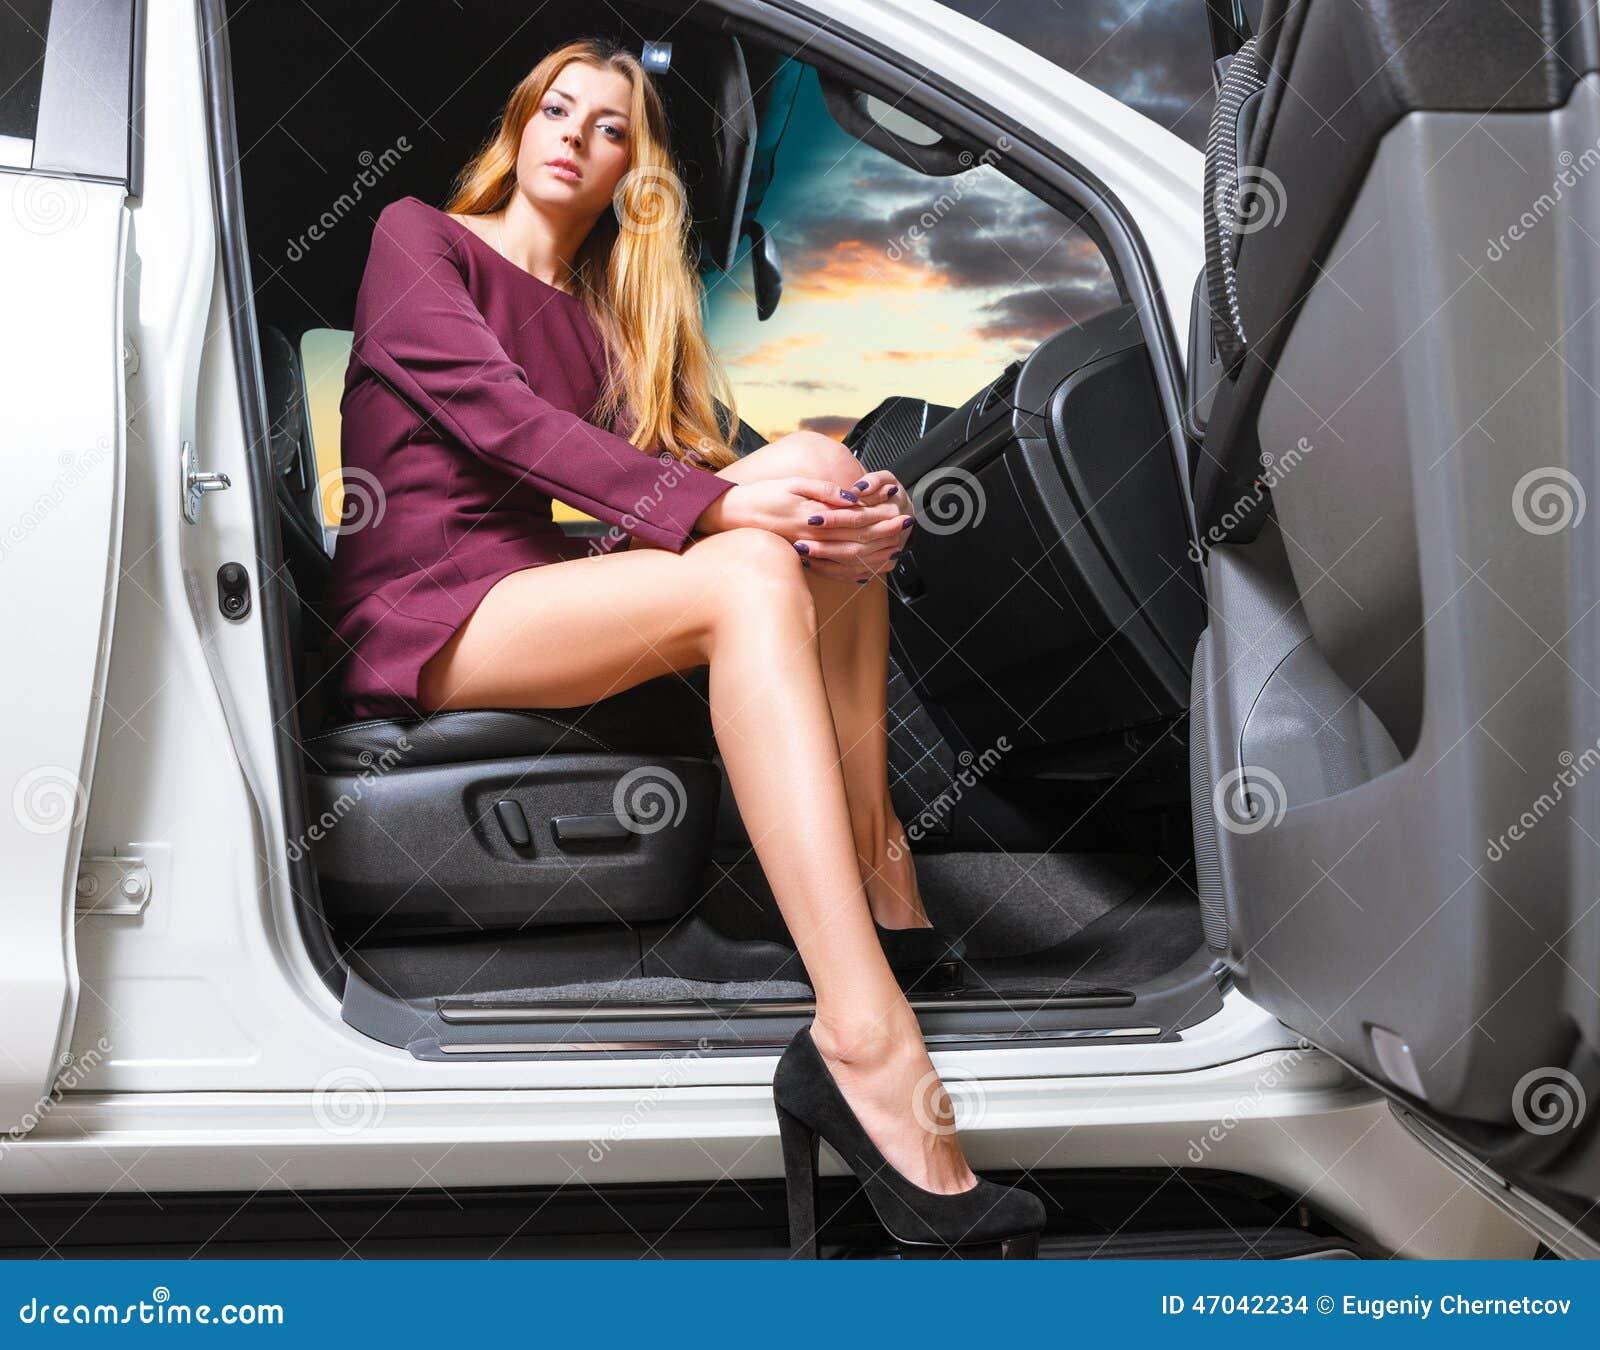 Frauen nackt im auto - 22 Bilder - xHamstercom